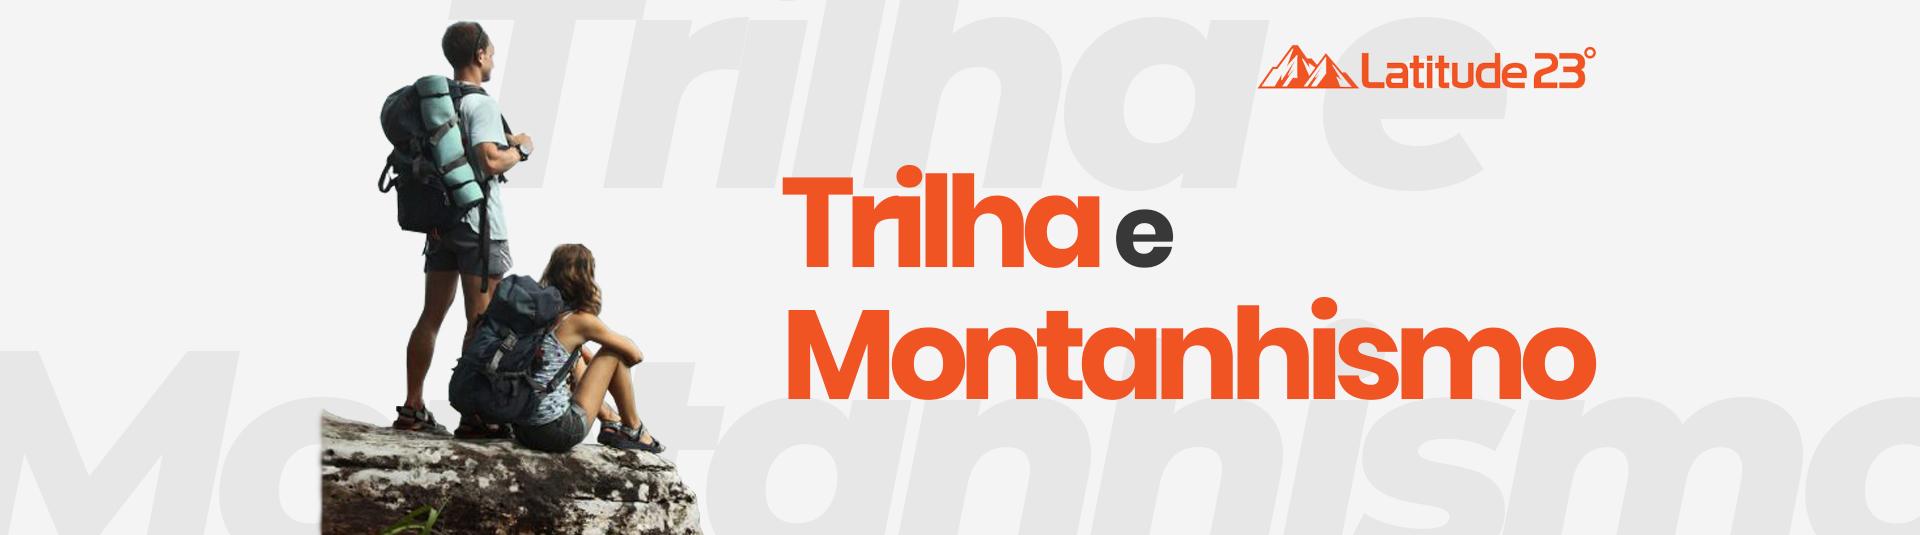 Trilha e Montanhismo